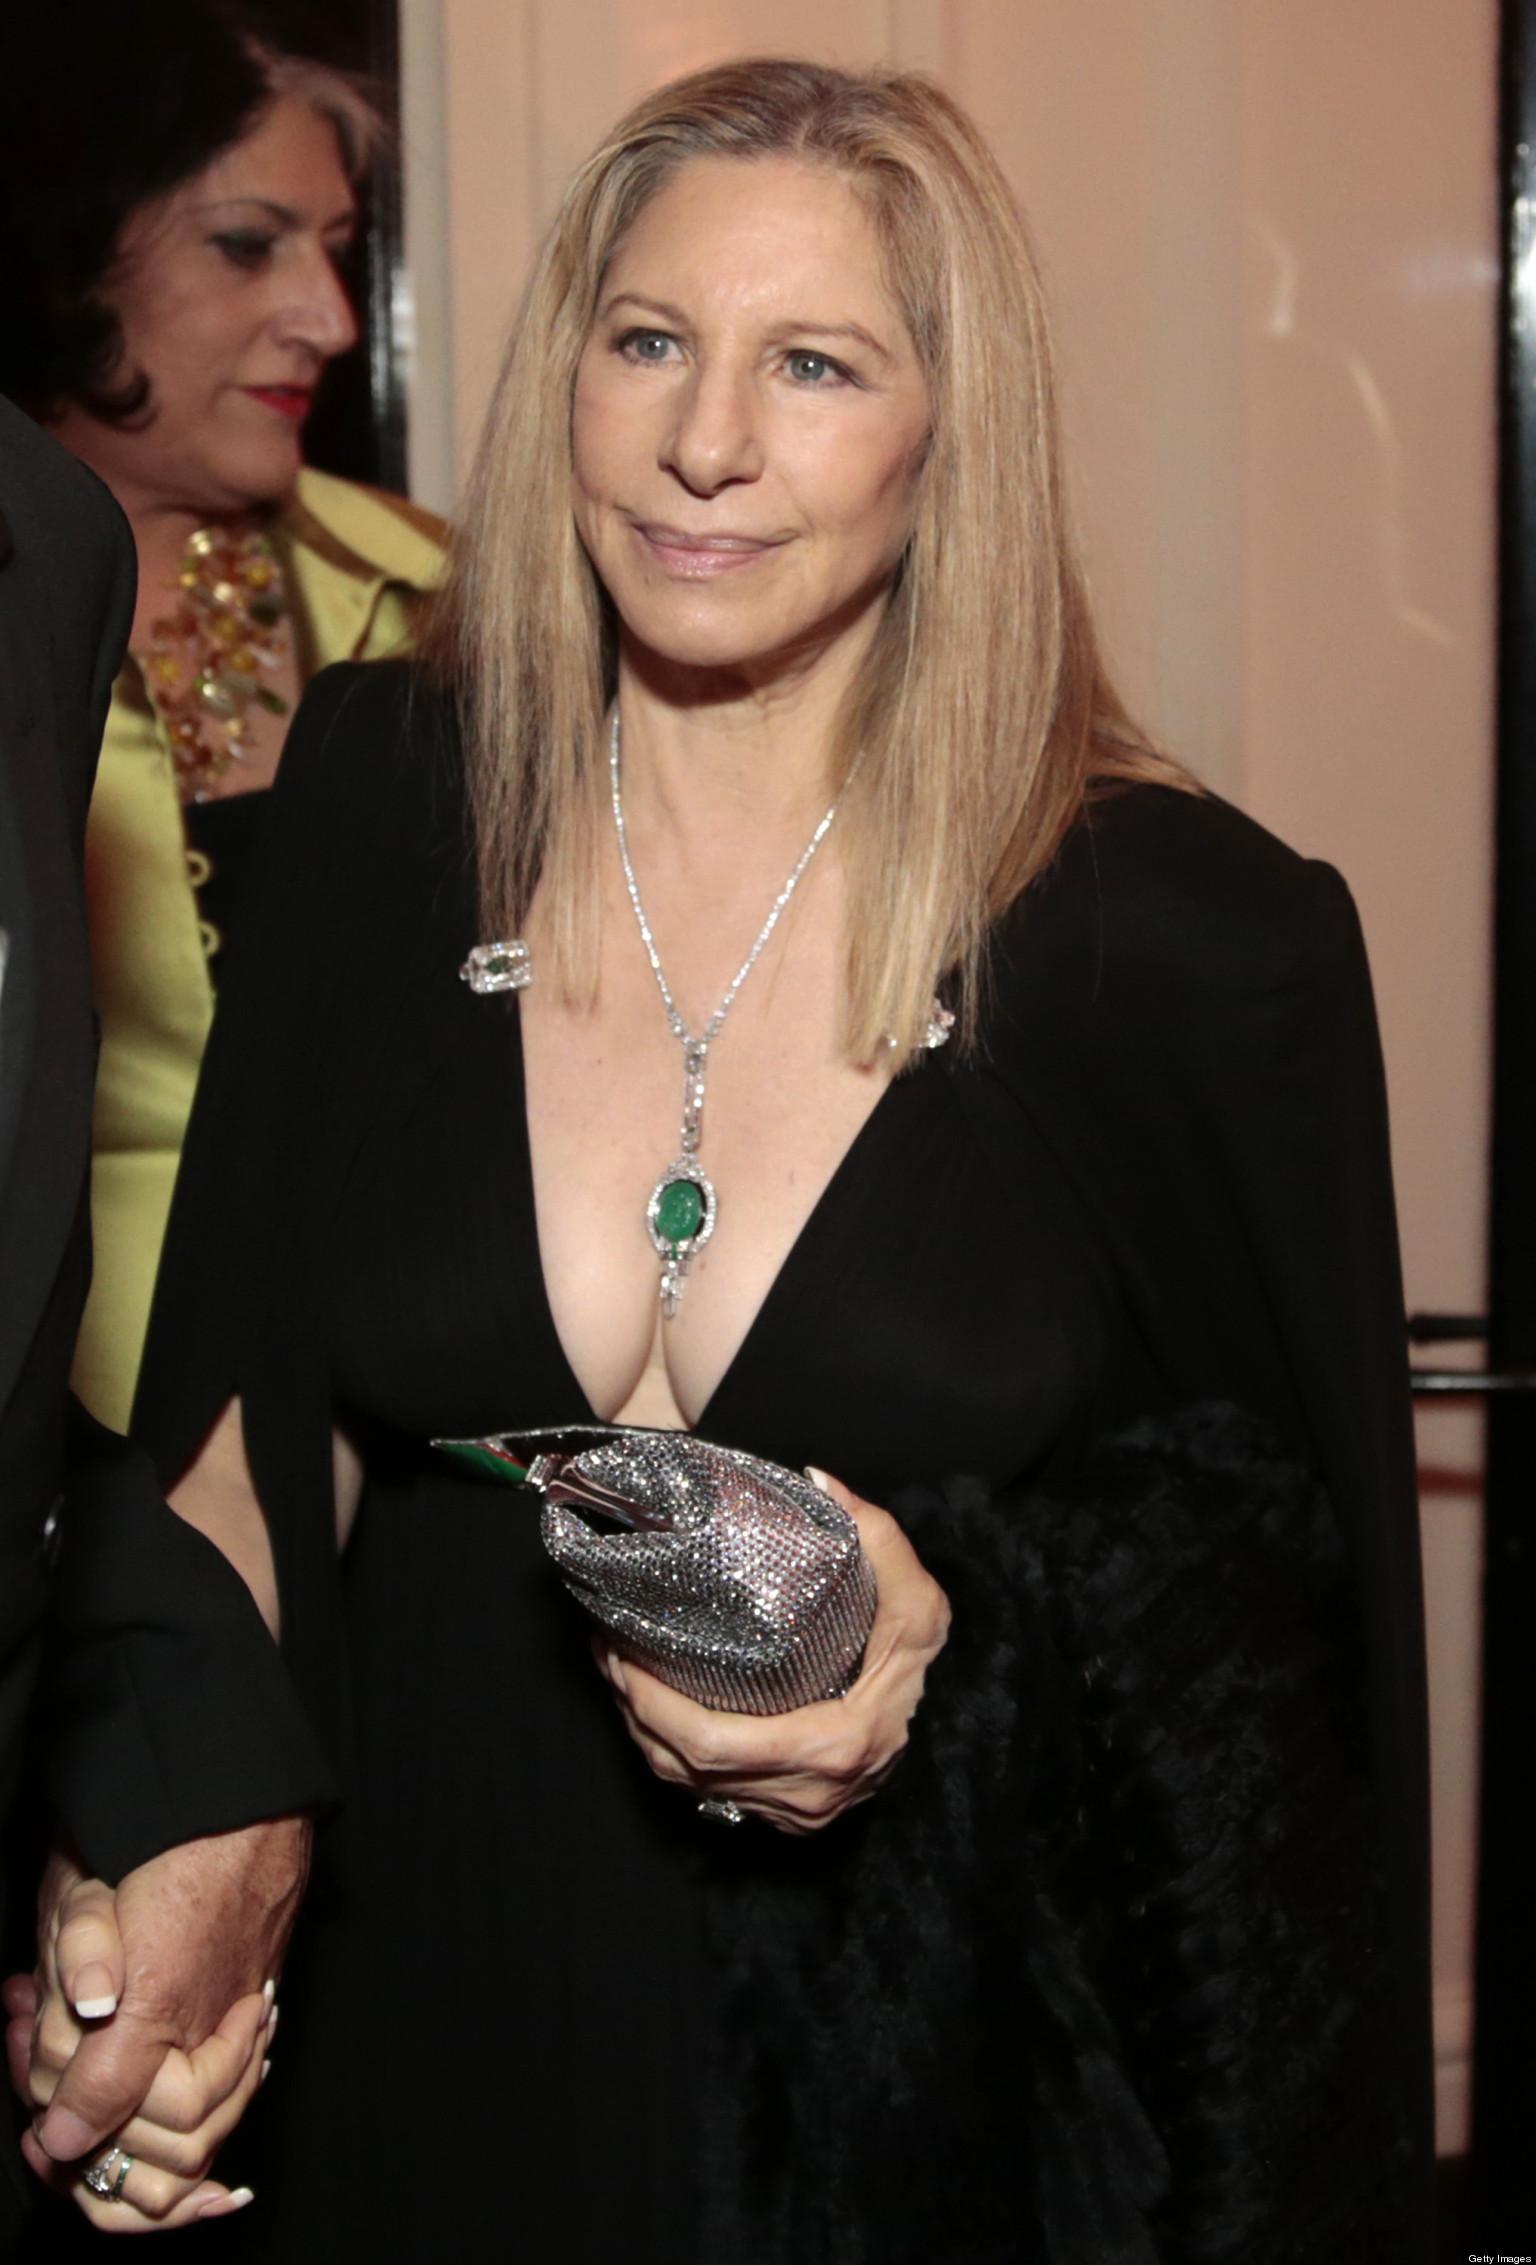 Barbra Streisand Photo Iconic Singer Looks Amazing In Low